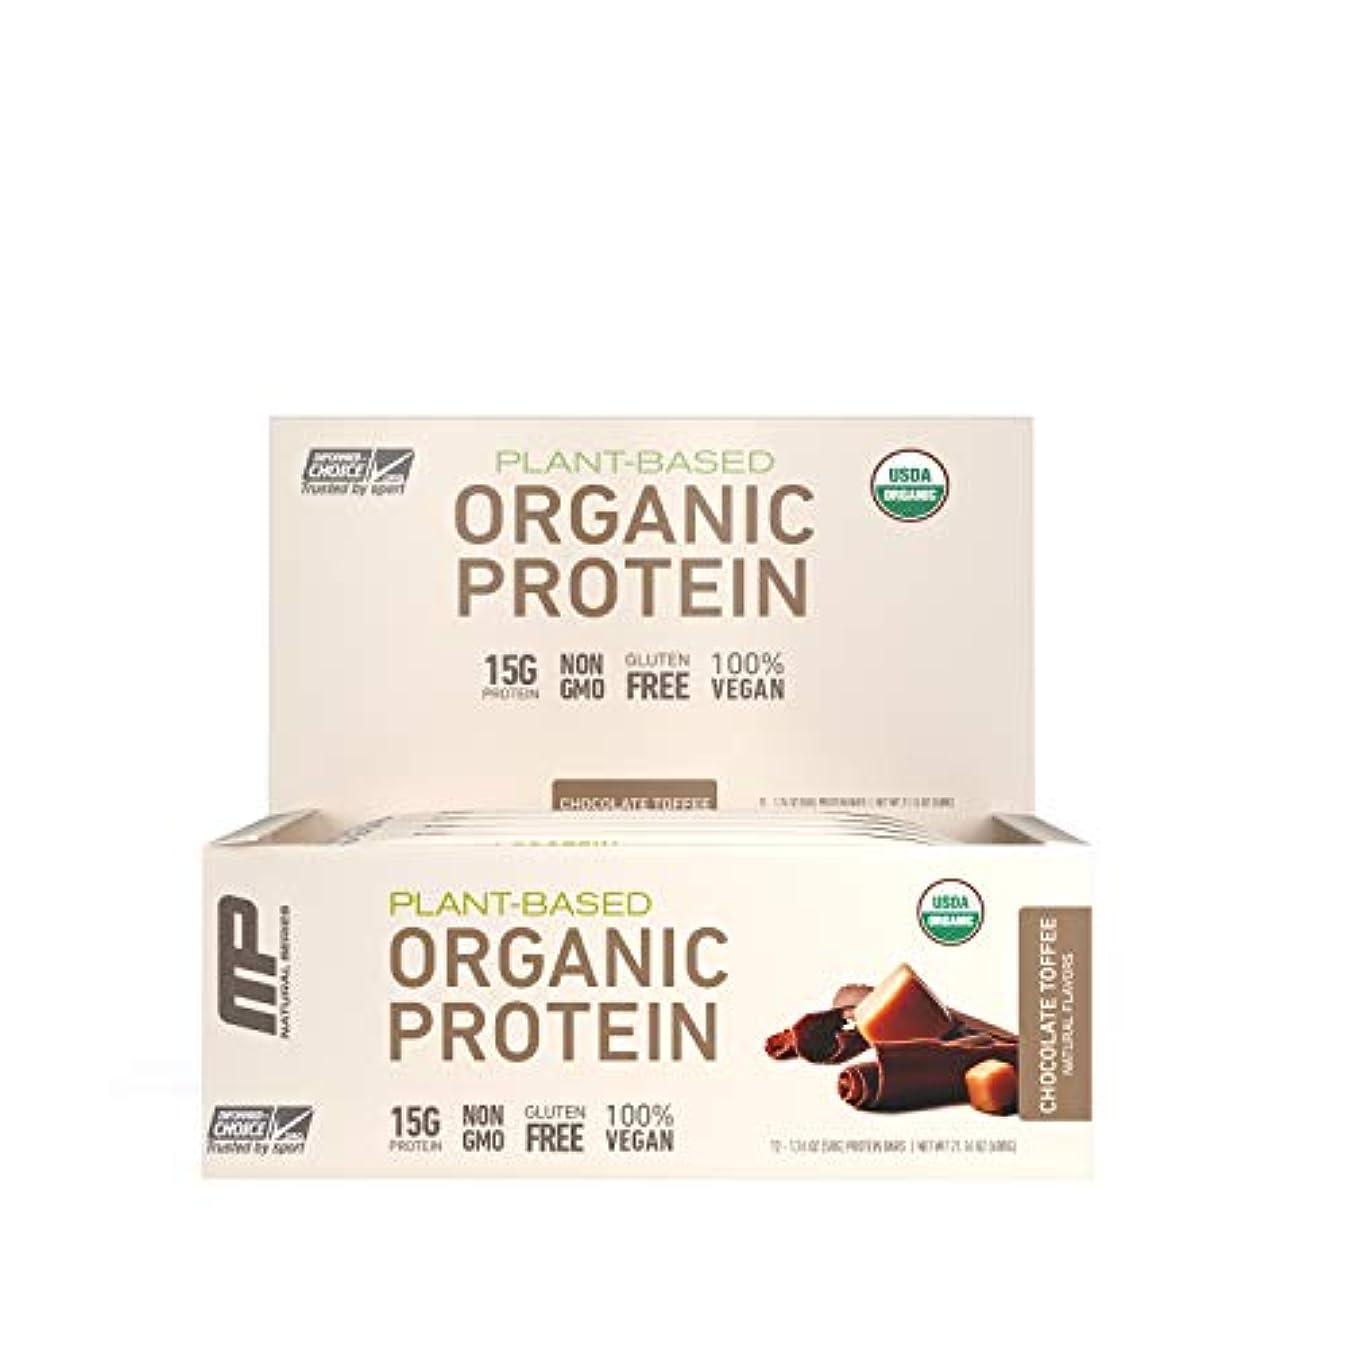 ほこりっぽい書誌憲法MusclePharm Natural オーガニック?プロテインバー(チョコレート?トフィー12本) (600 g) 海外直送品